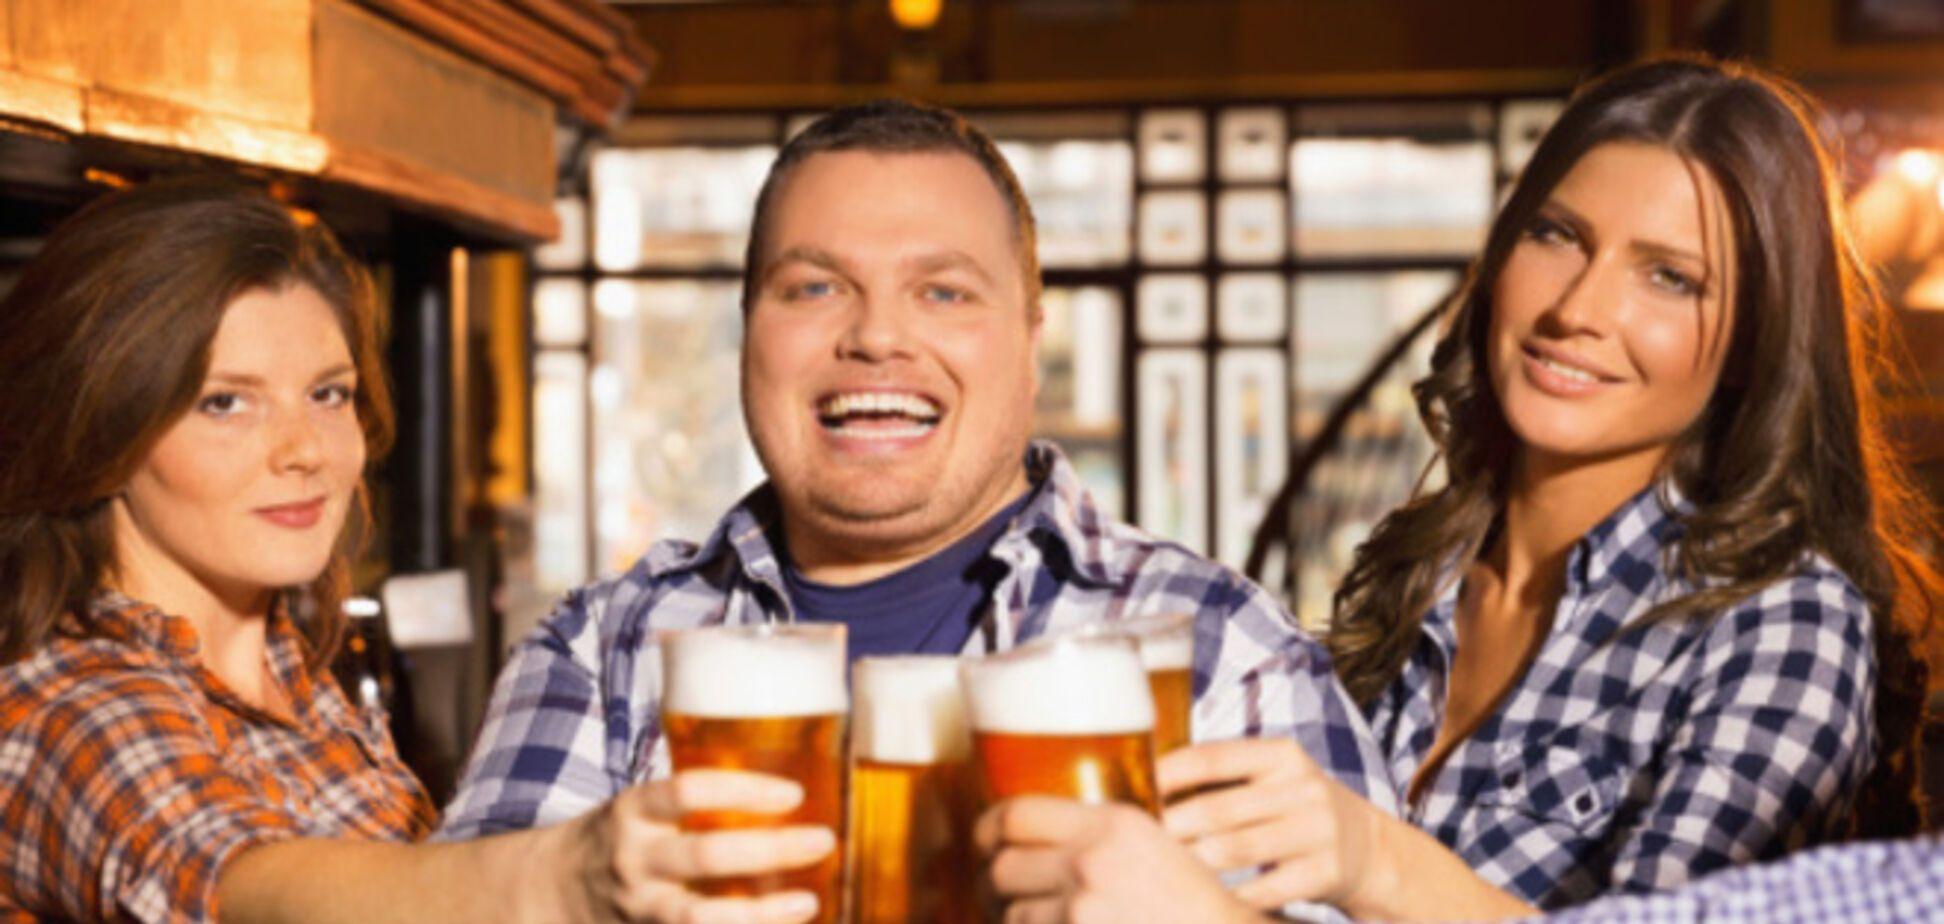 Сколько пива нужно выпить, чтобы печень начала разрушаться